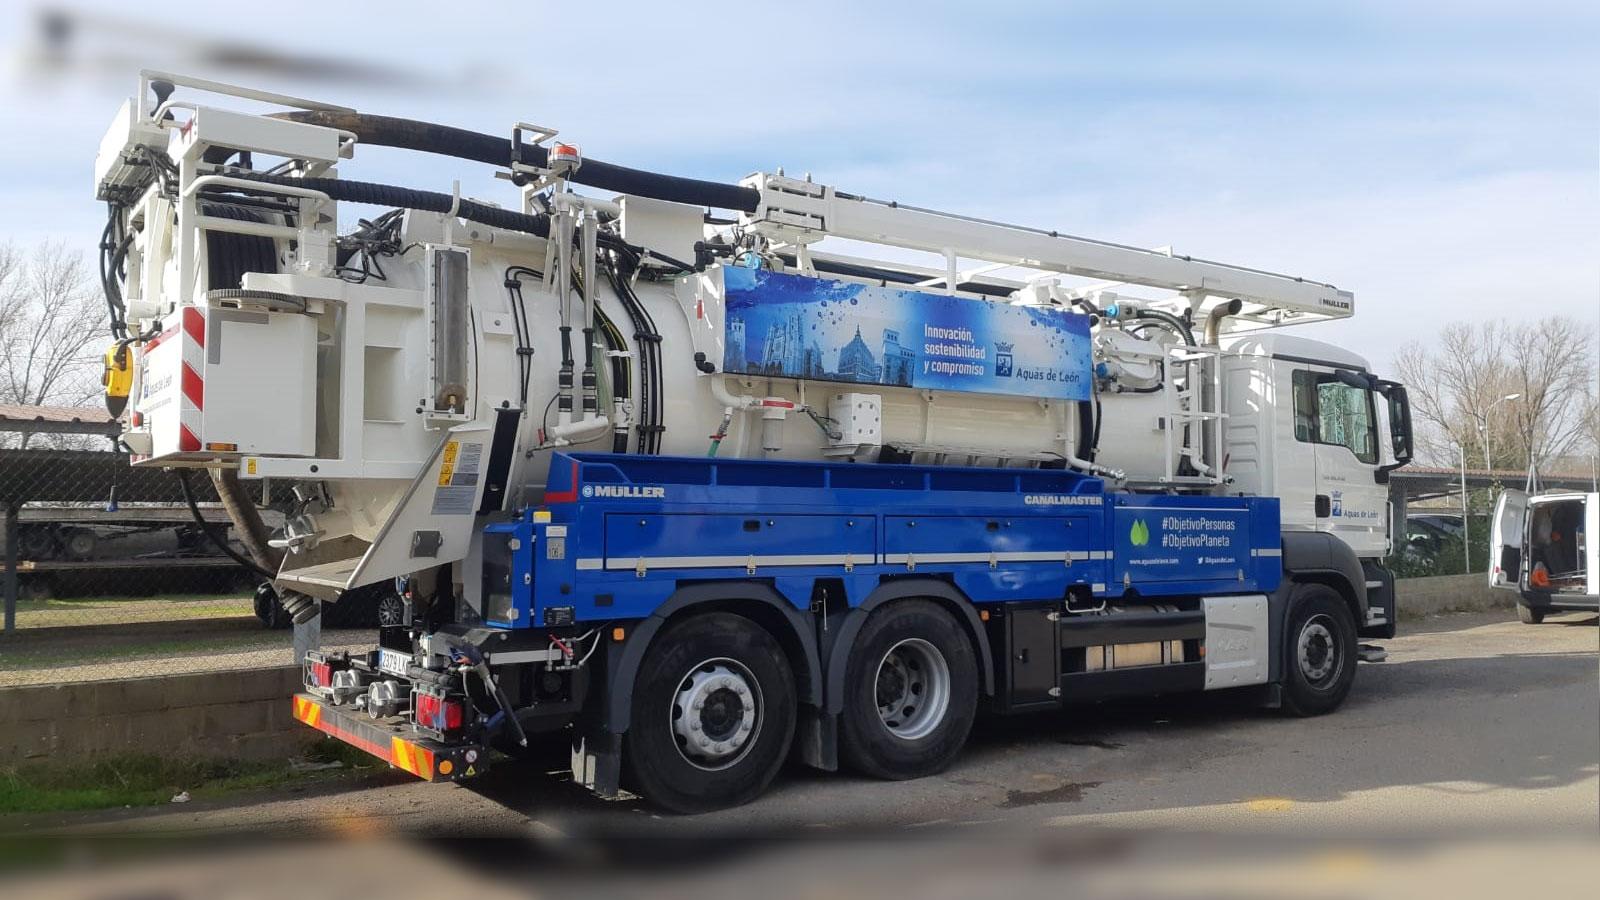 TECSAN suministra a Aguas de León un camión Müller para la limpieza del alcantarillado que ahorrará 25.000 l. de agua al día